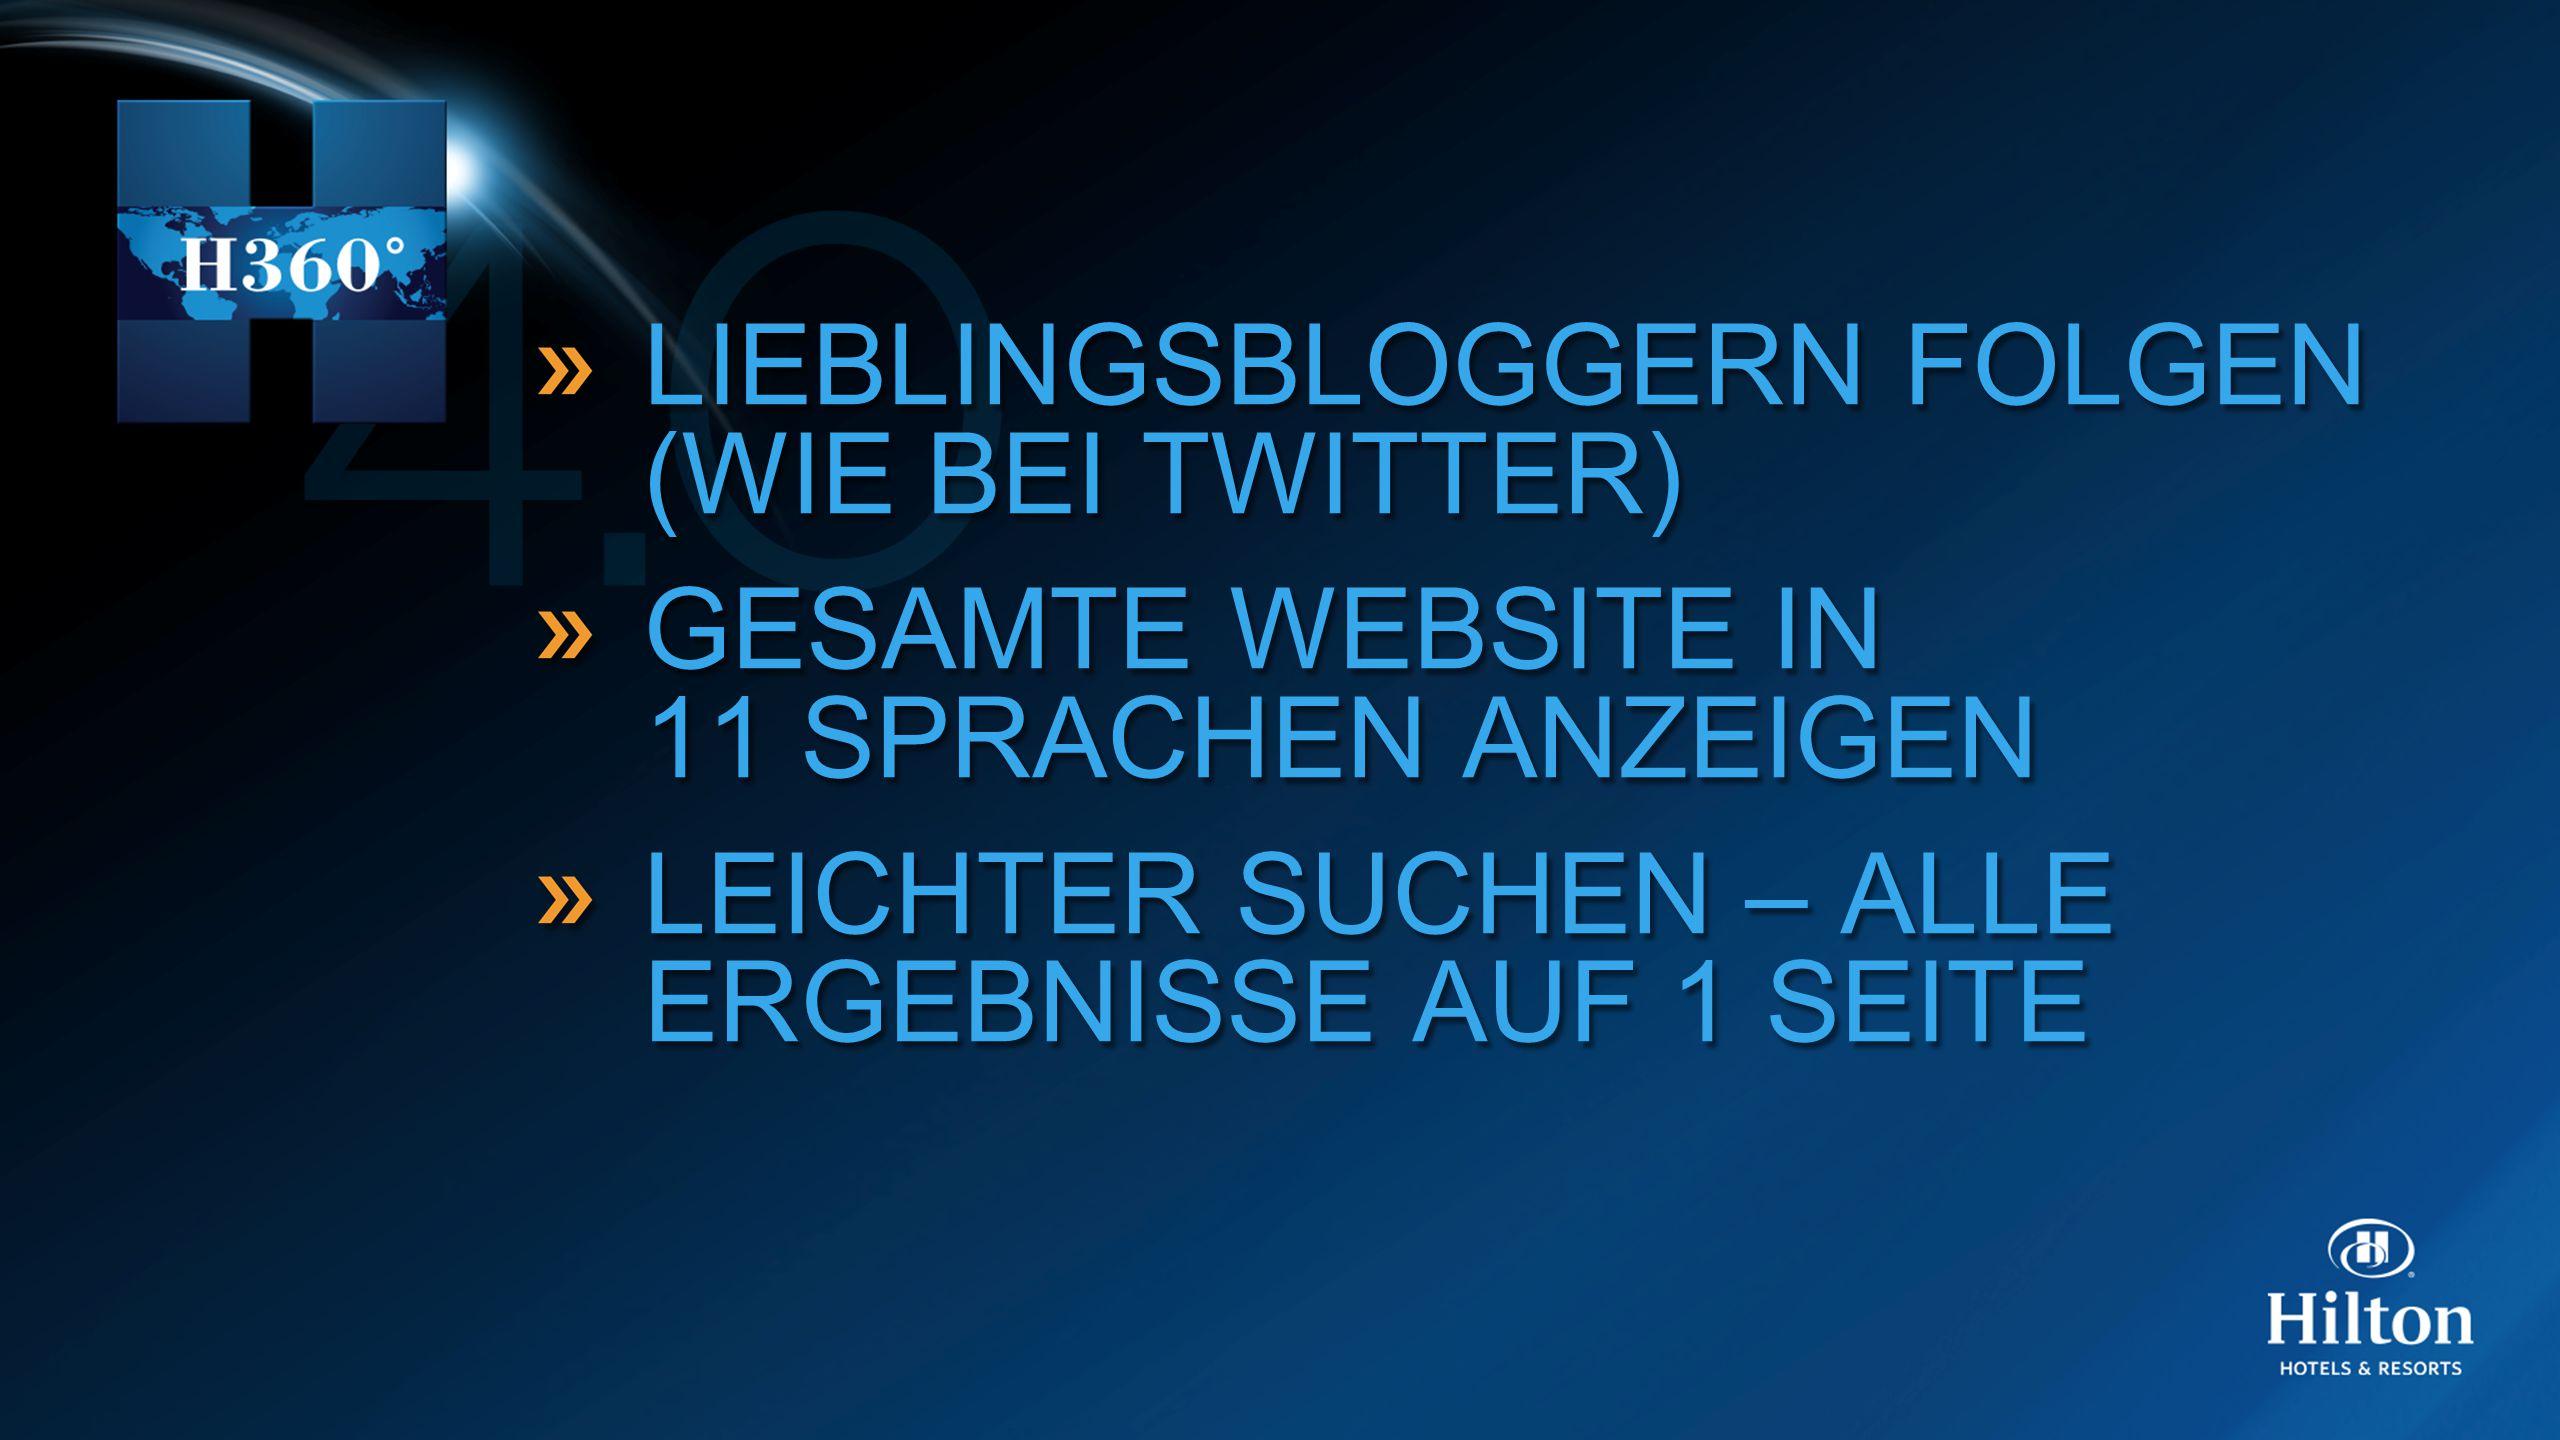 LIEBLINGSBLOGGERN FOLGEN (WIE BEI TWITTER) GESAMTE WEBSITE IN 11 SPRACHEN ANZEIGEN LEICHTER SUCHEN – ALLE ERGEBNISSE AUF 1 SEITE LIEBLINGSBLOGGERN FOLGEN (WIE BEI TWITTER) GESAMTE WEBSITE IN 11 SPRACHEN ANZEIGEN LEICHTER SUCHEN – ALLE ERGEBNISSE AUF 1 SEITE